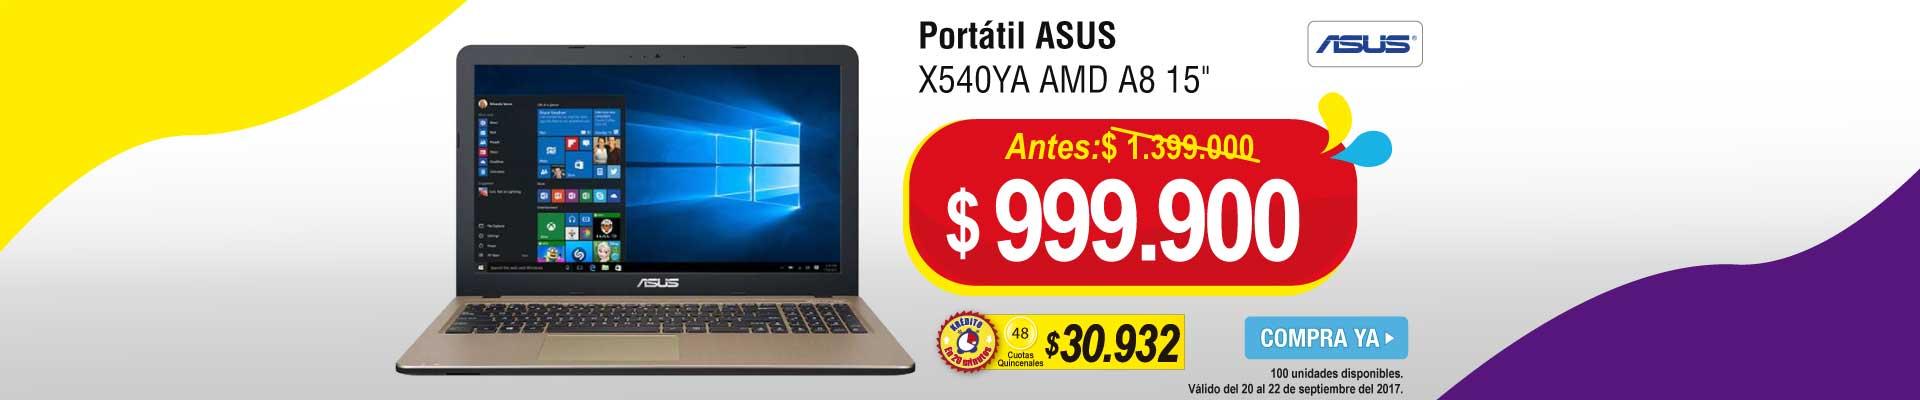 PPAL ALKP-3-computadores-Portátil ASUS X540YA-prod-septiembre20-22